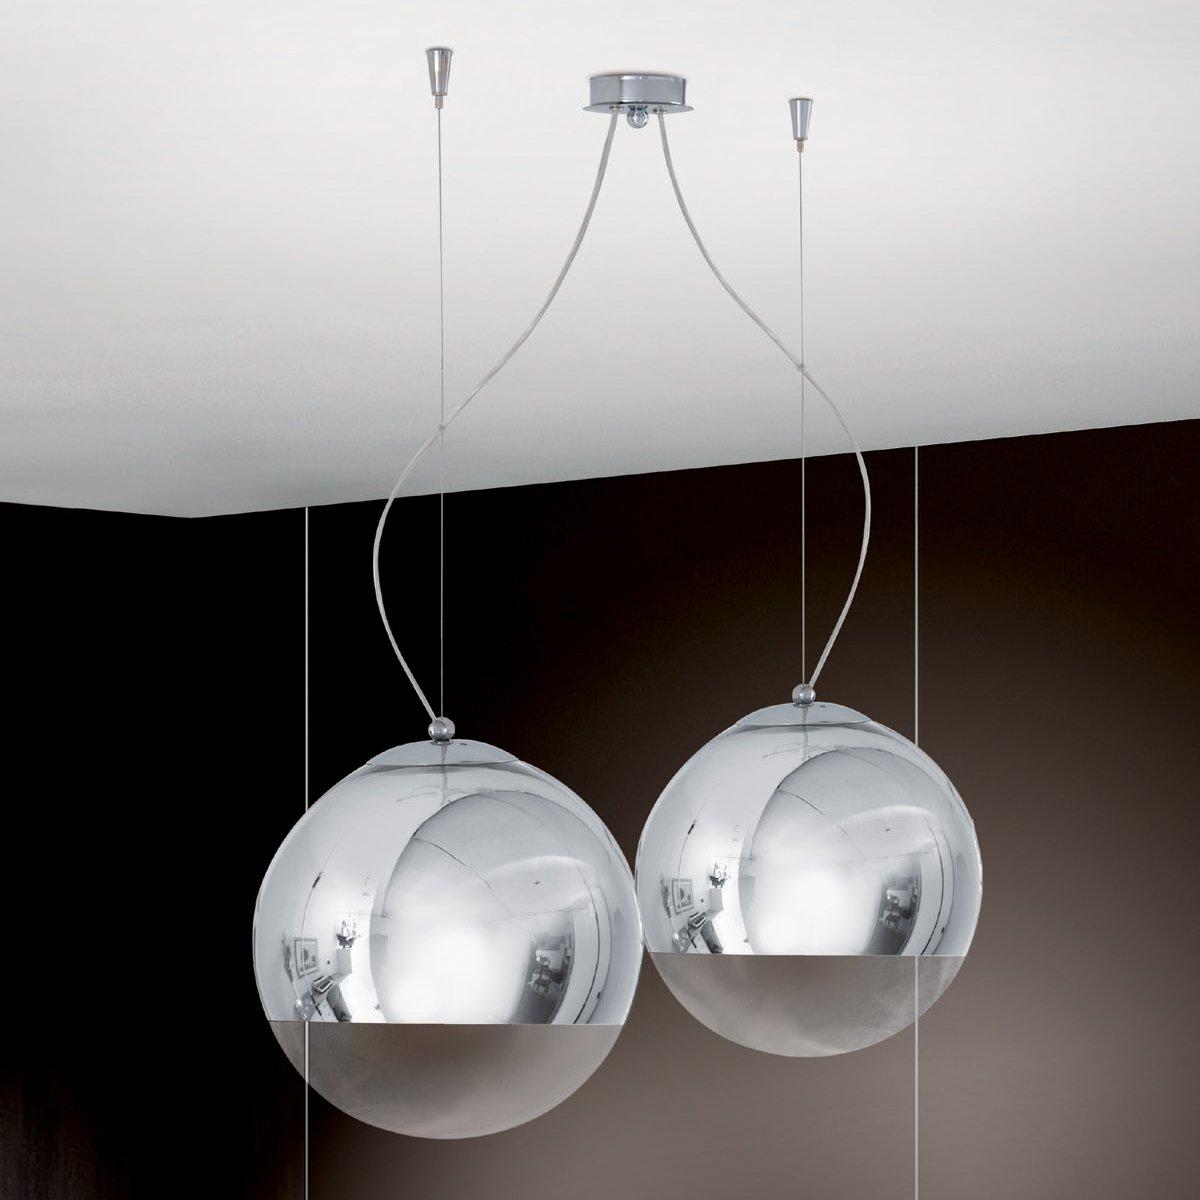 Negozio lampade torino lampadari moderni with negozio for Immagini lampadari moderni